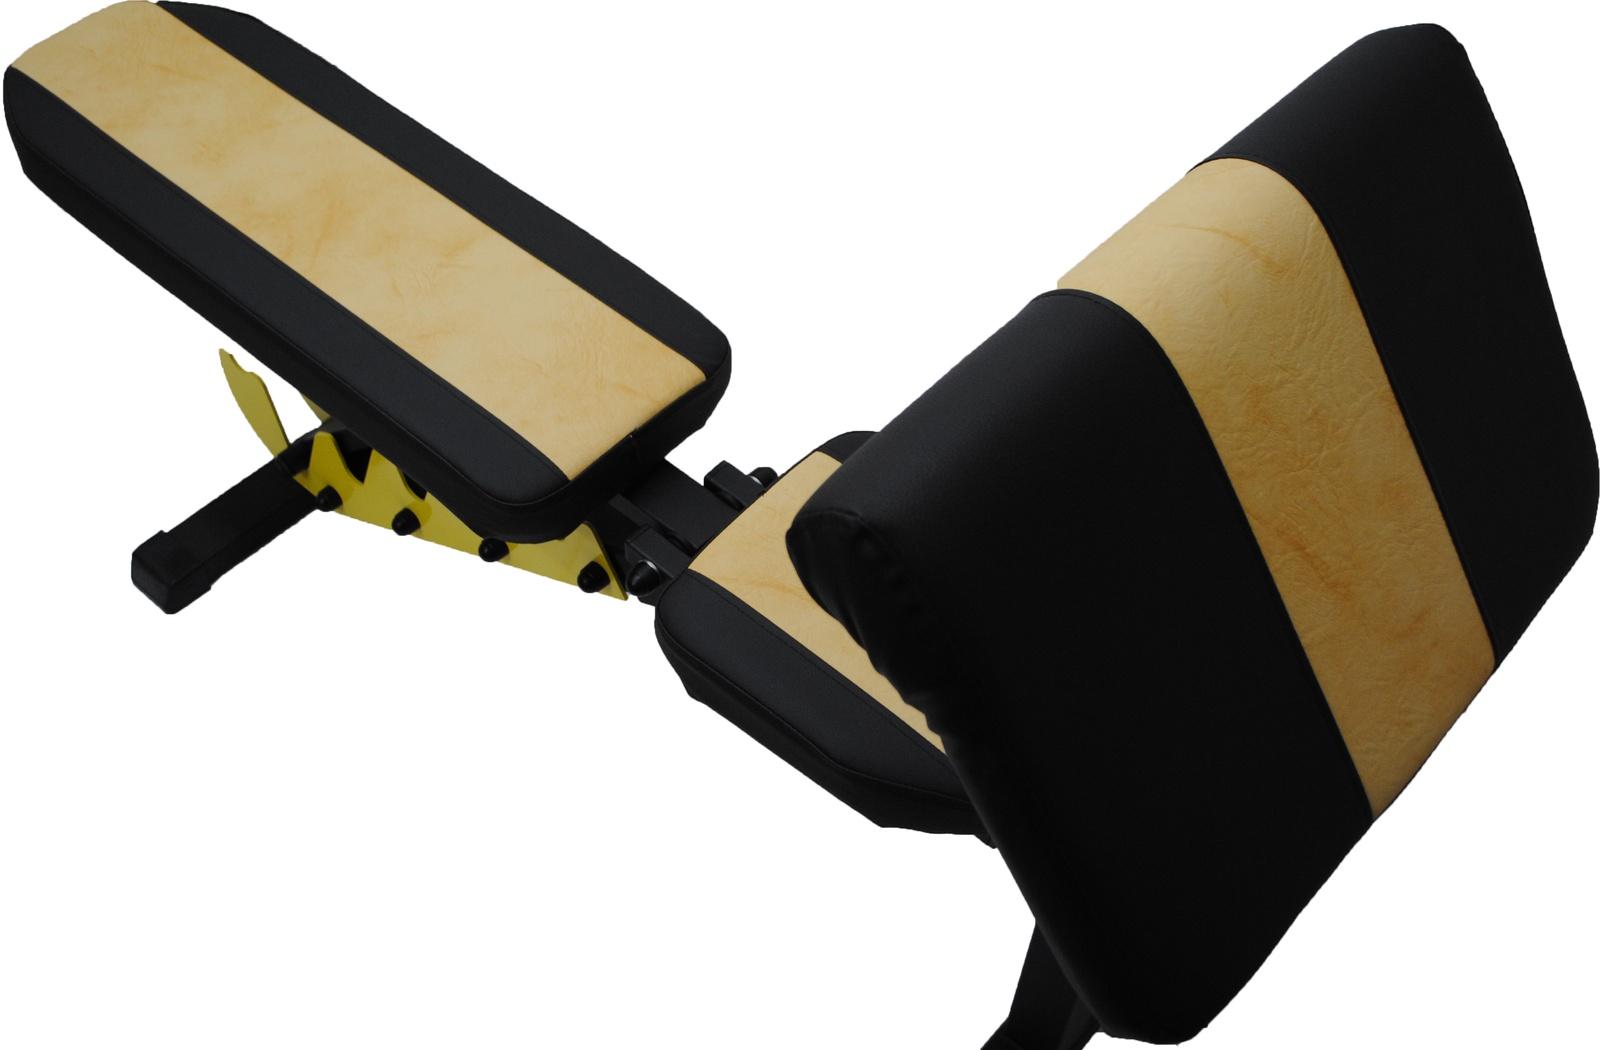 Универсальная атлетическая скамья Orion Sportlim ЧЖ и Парта Скотта цена